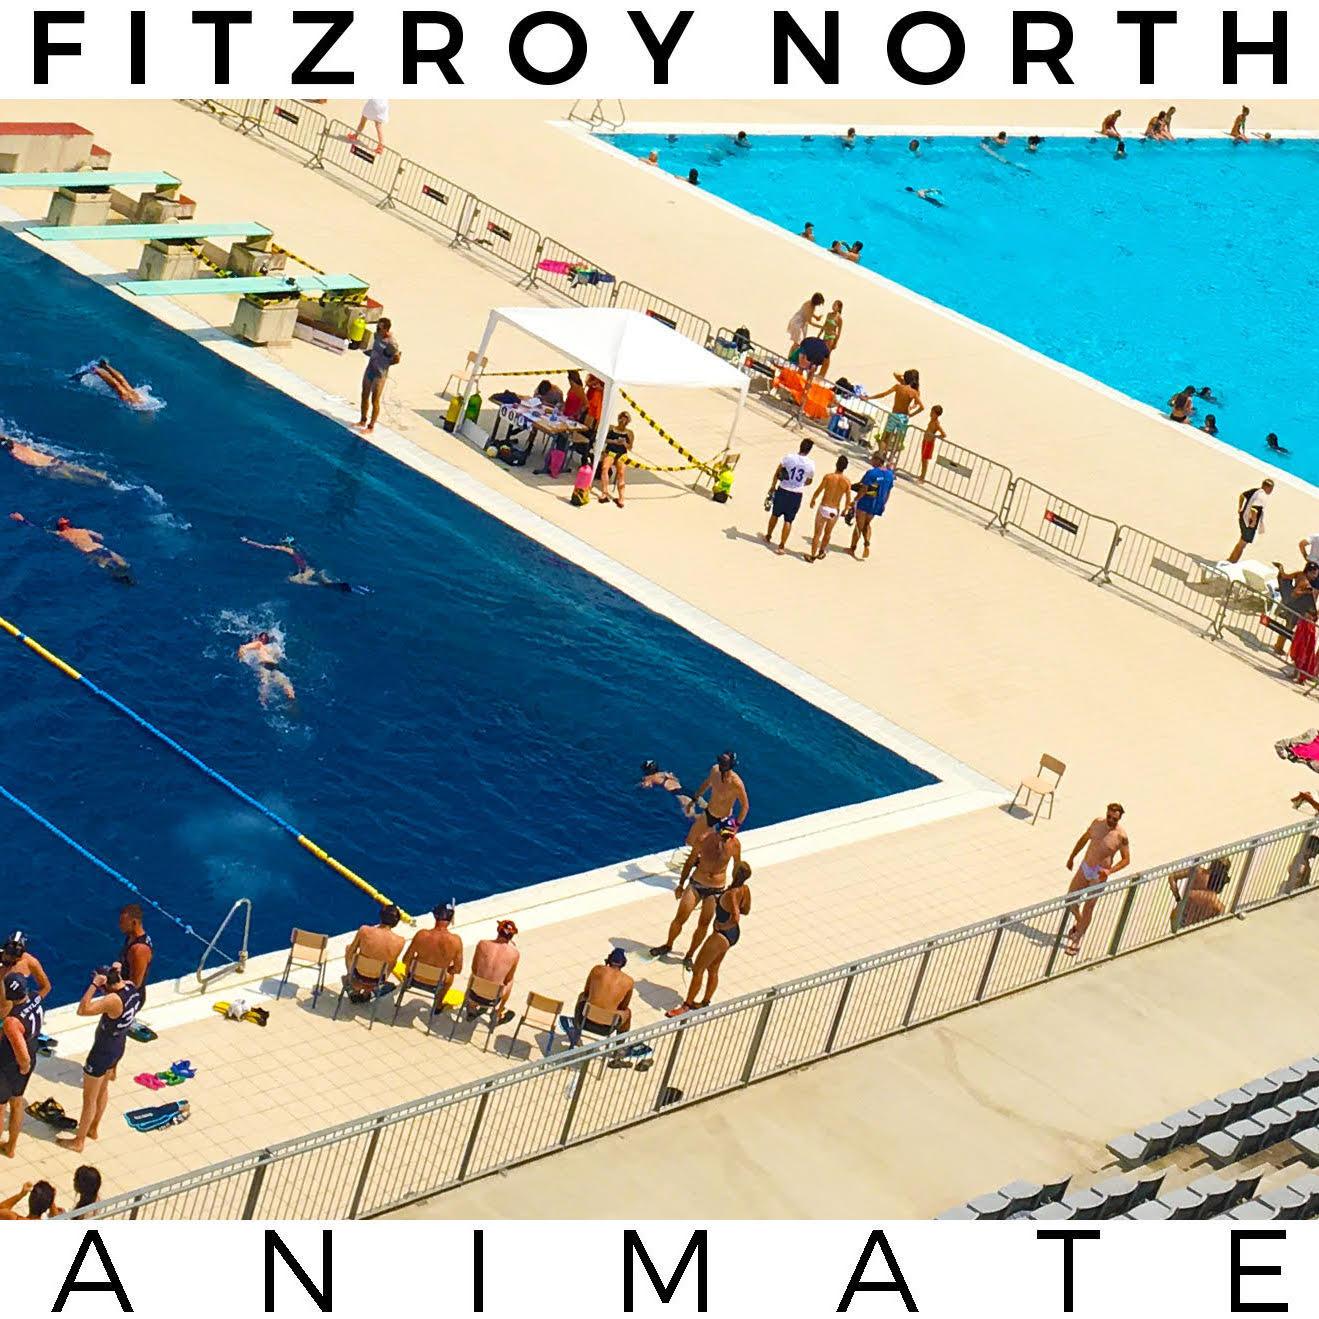 ANIMATE EP - 2019 Fitzroy North